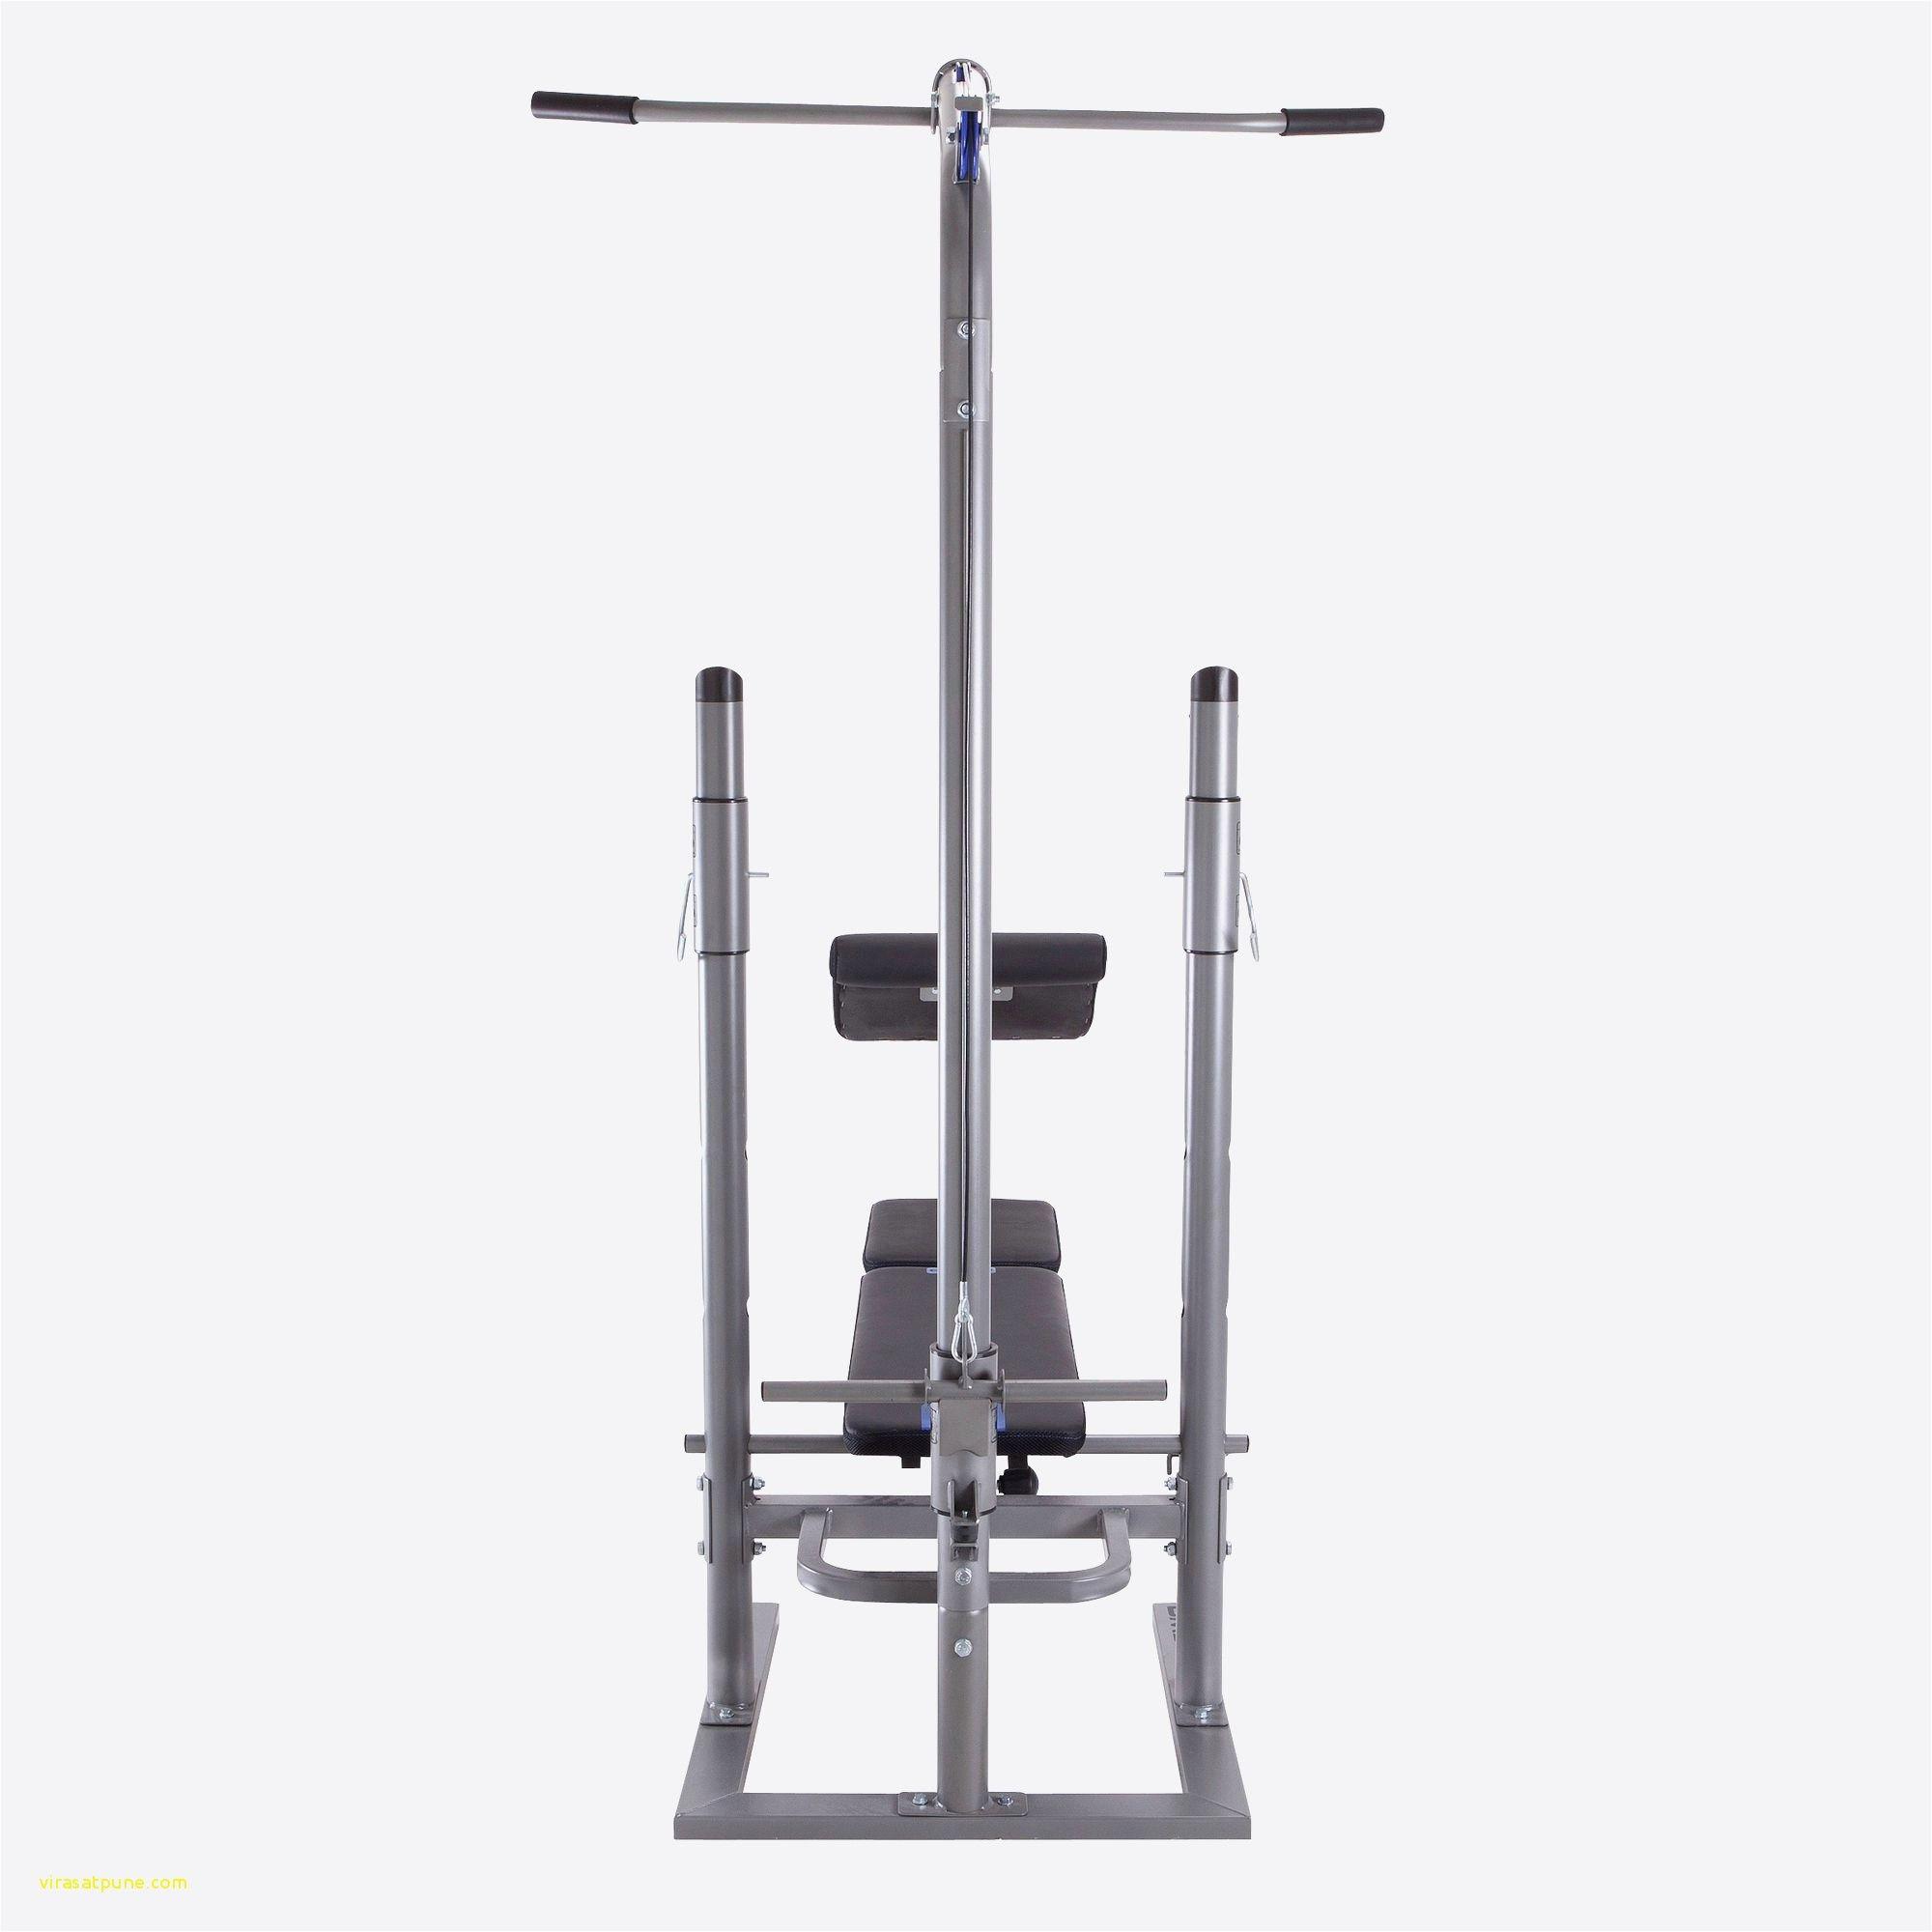 Banc De Musculation Intersport Banc De Musculation Intersport Code Promo Et Code Reduction Tous Les Bons Et Code Le Site Megac Ceiling Lights Lamp Chandelier